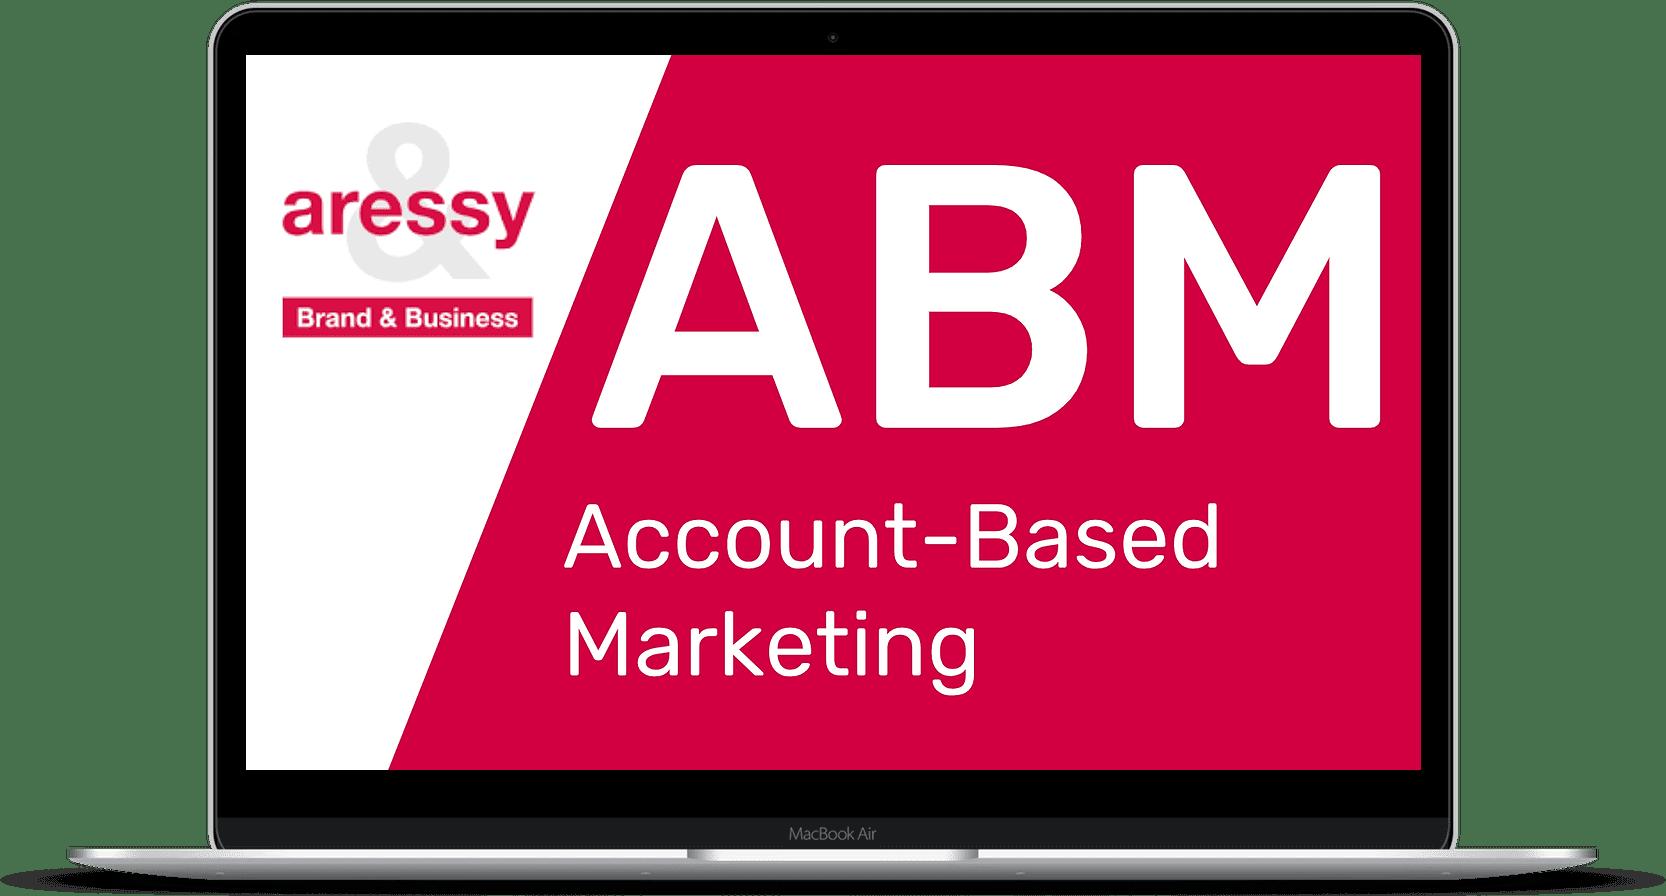 Pourquoi est-ce le bon moment pour s'intéresser à l'ABM - Account-Based Marketing ?